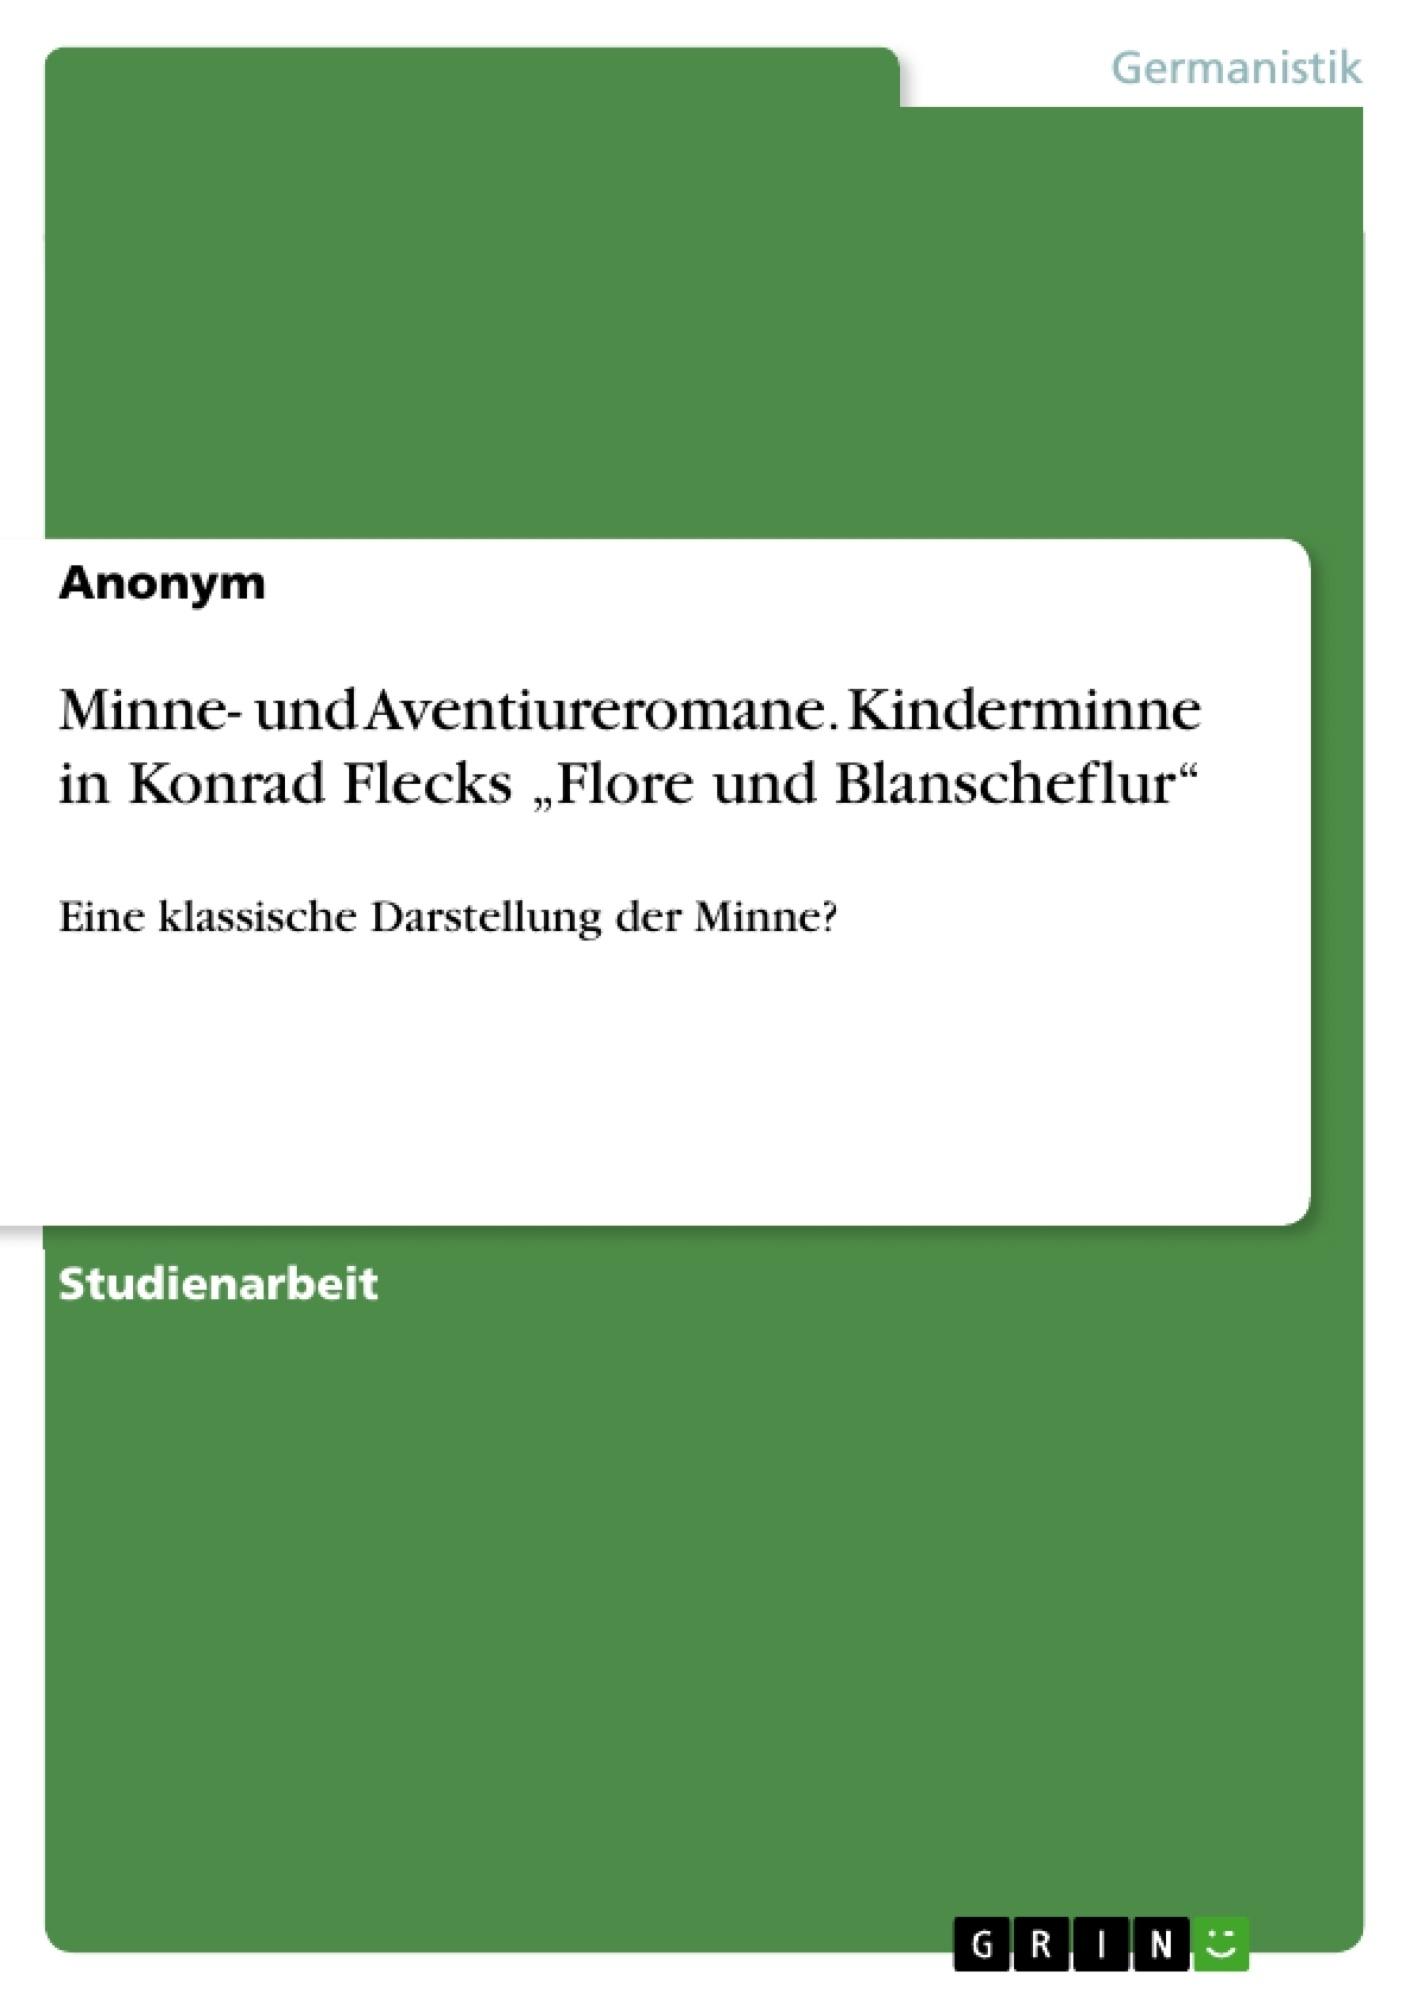 """Titel: Minne- und Aventiureromane. Kinderminne in Konrad Flecks """"Flore und Blanscheflur"""""""